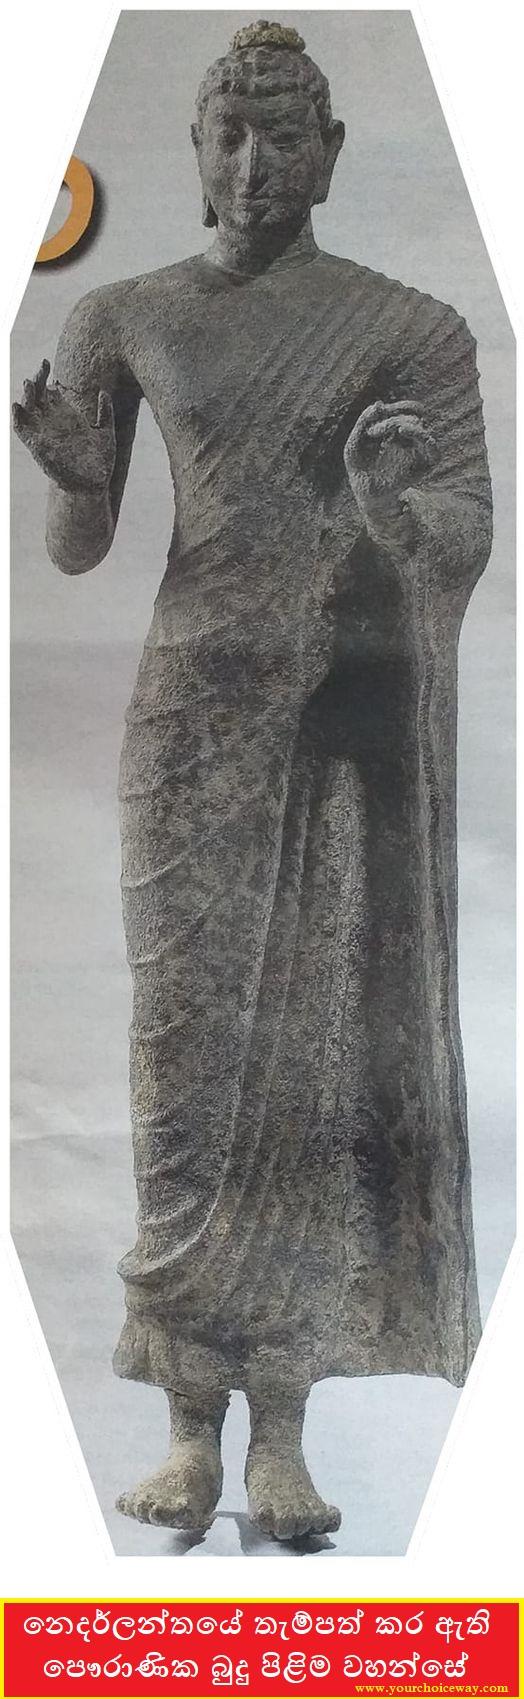 නෙදර්ලන්තයේ තැම්පත් කර ඇති පෞරාණික බුදු පිළිම වහන්සේ  (The Ancient Buddha Statue which is depositioned at the Netherland Royal Museum) 💐😍🧝🧚✍️ - Your Choice Way